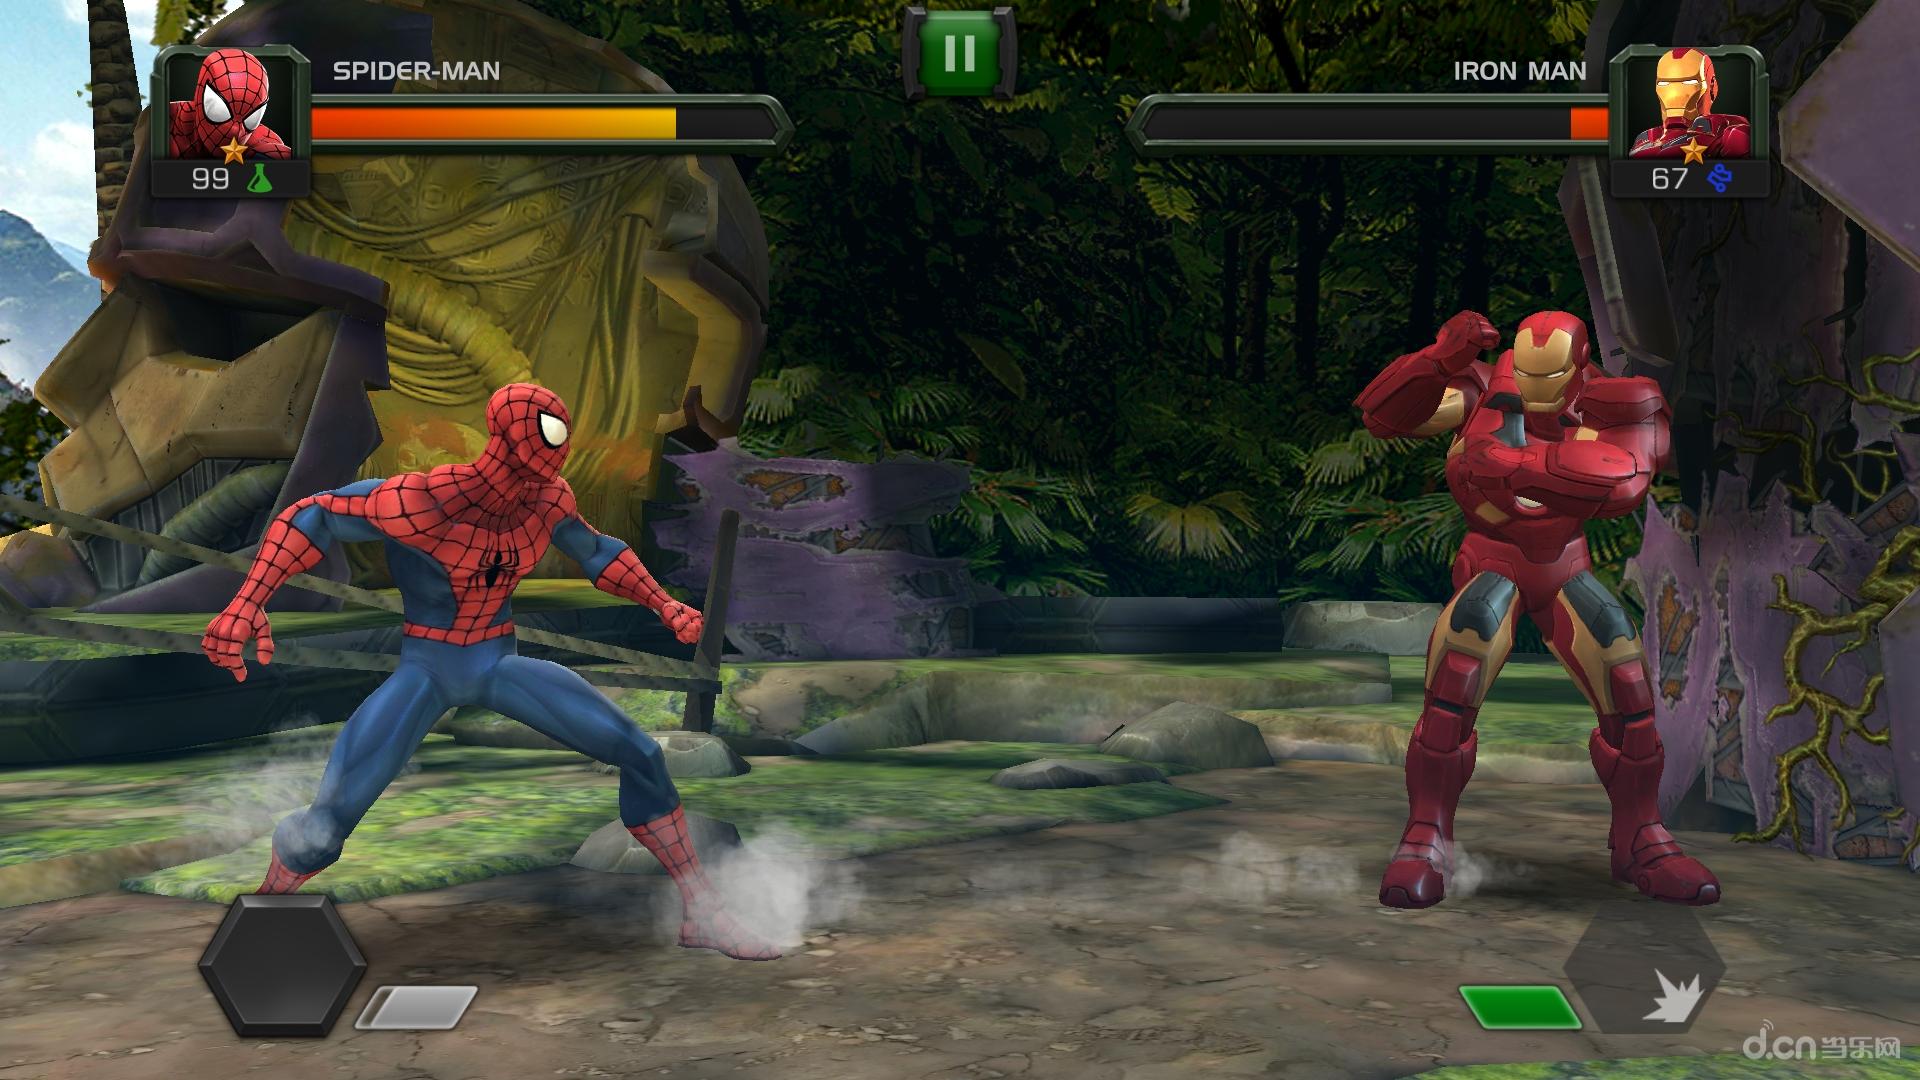 好玩的格斗类游戏_是一款由漫威和kabam合作开发的格斗类游戏.